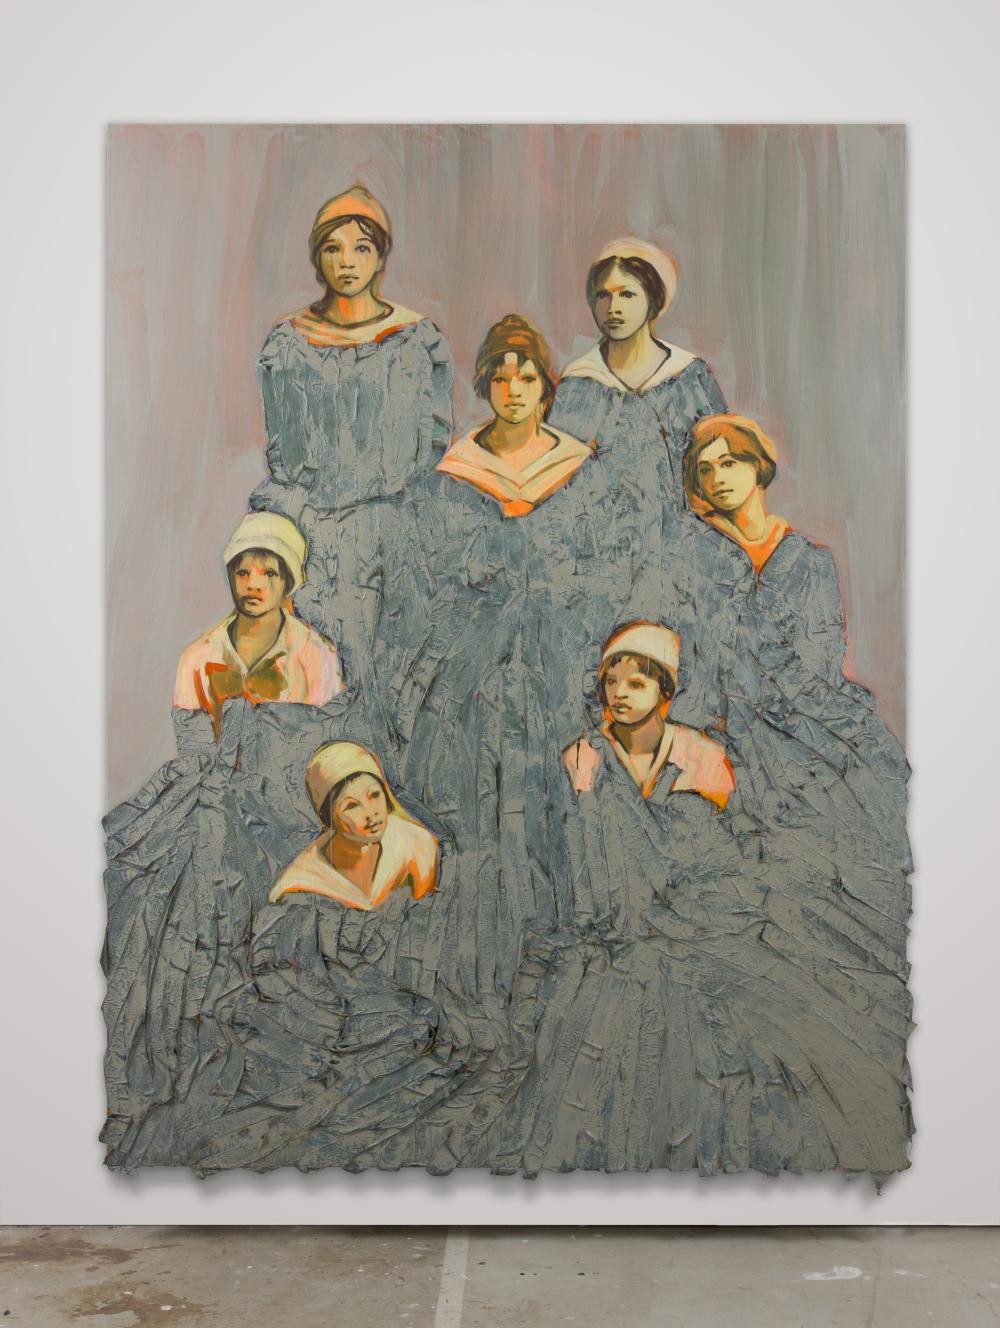 Claire TABOURET The Team 2016 acrylique et tissus sur toile 300 x 230 cm pièce unique courtesy Galerie Bugada & Cargnel, Paris photo : bluntbangs.bizs